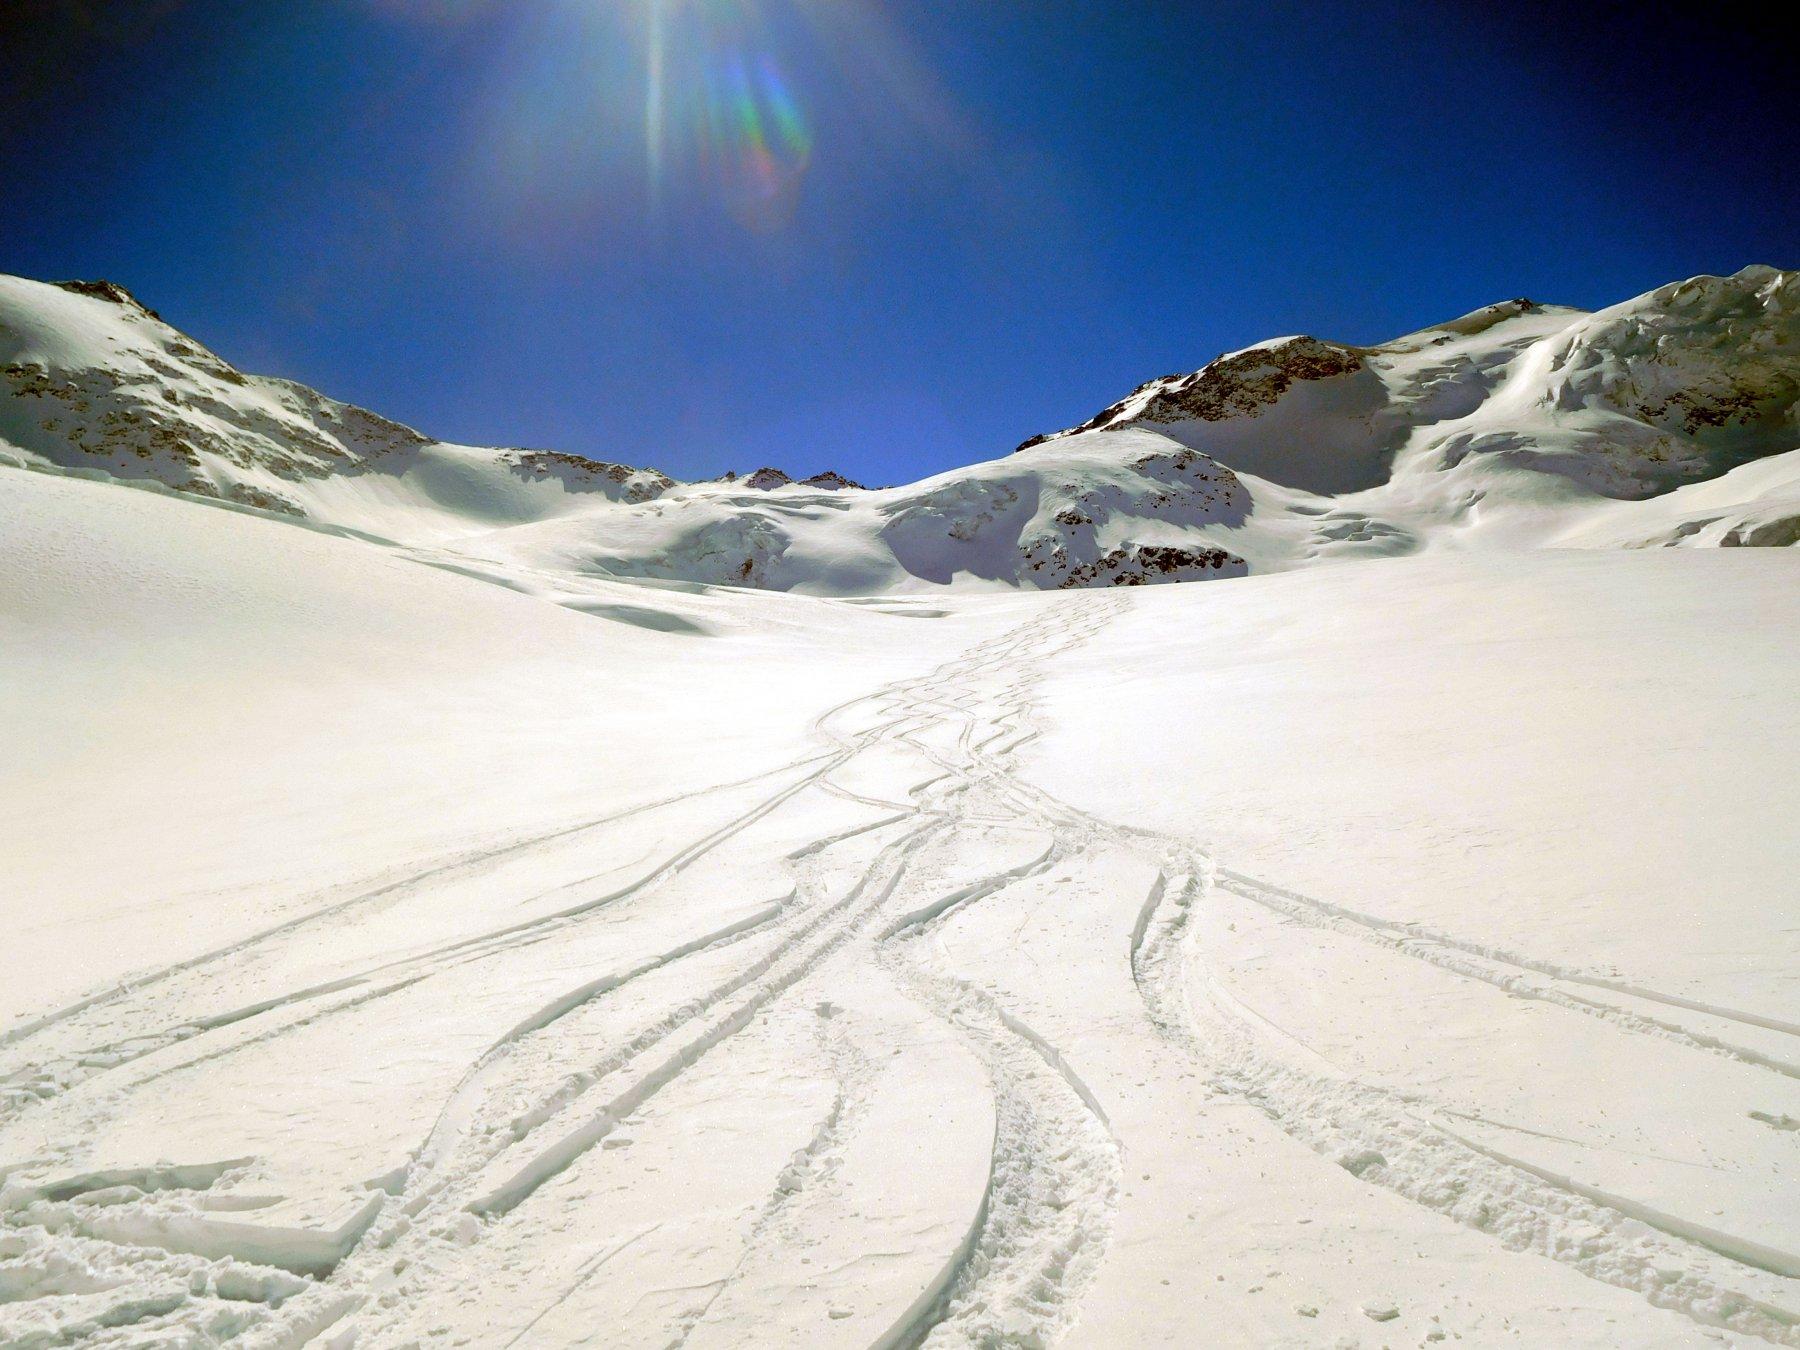 spostandosi verso la destra orografica del ghiacciaio